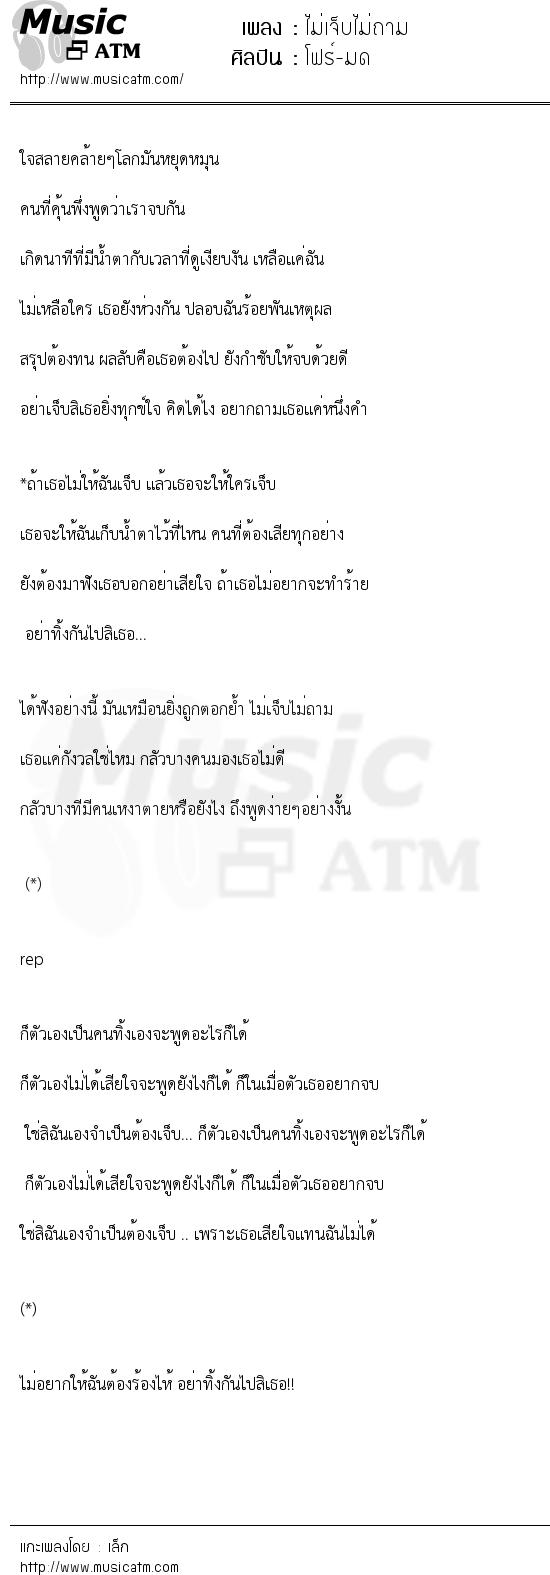 เนื้อเพลง ไม่เจ็บไม่ถาม - โฟร์-มด   Popasia.net   เพลงไทย